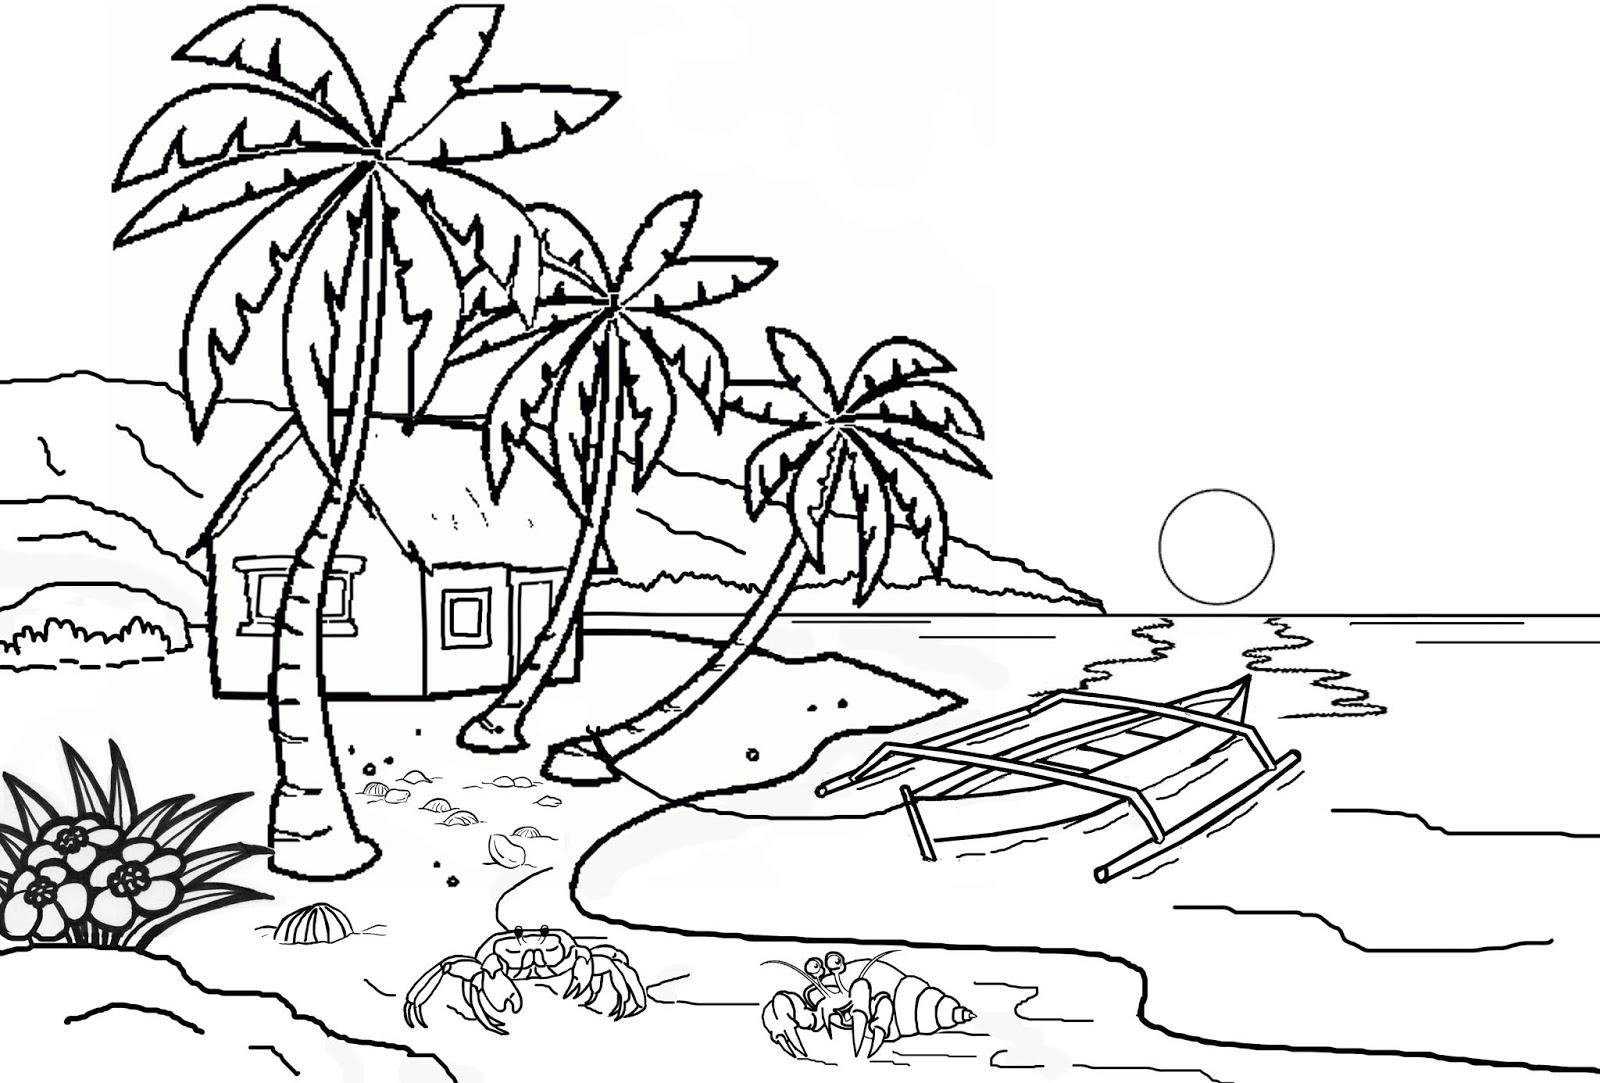 Gambar Gambar Mewarnai Sawah Lucu Pemandangan Kartun Di